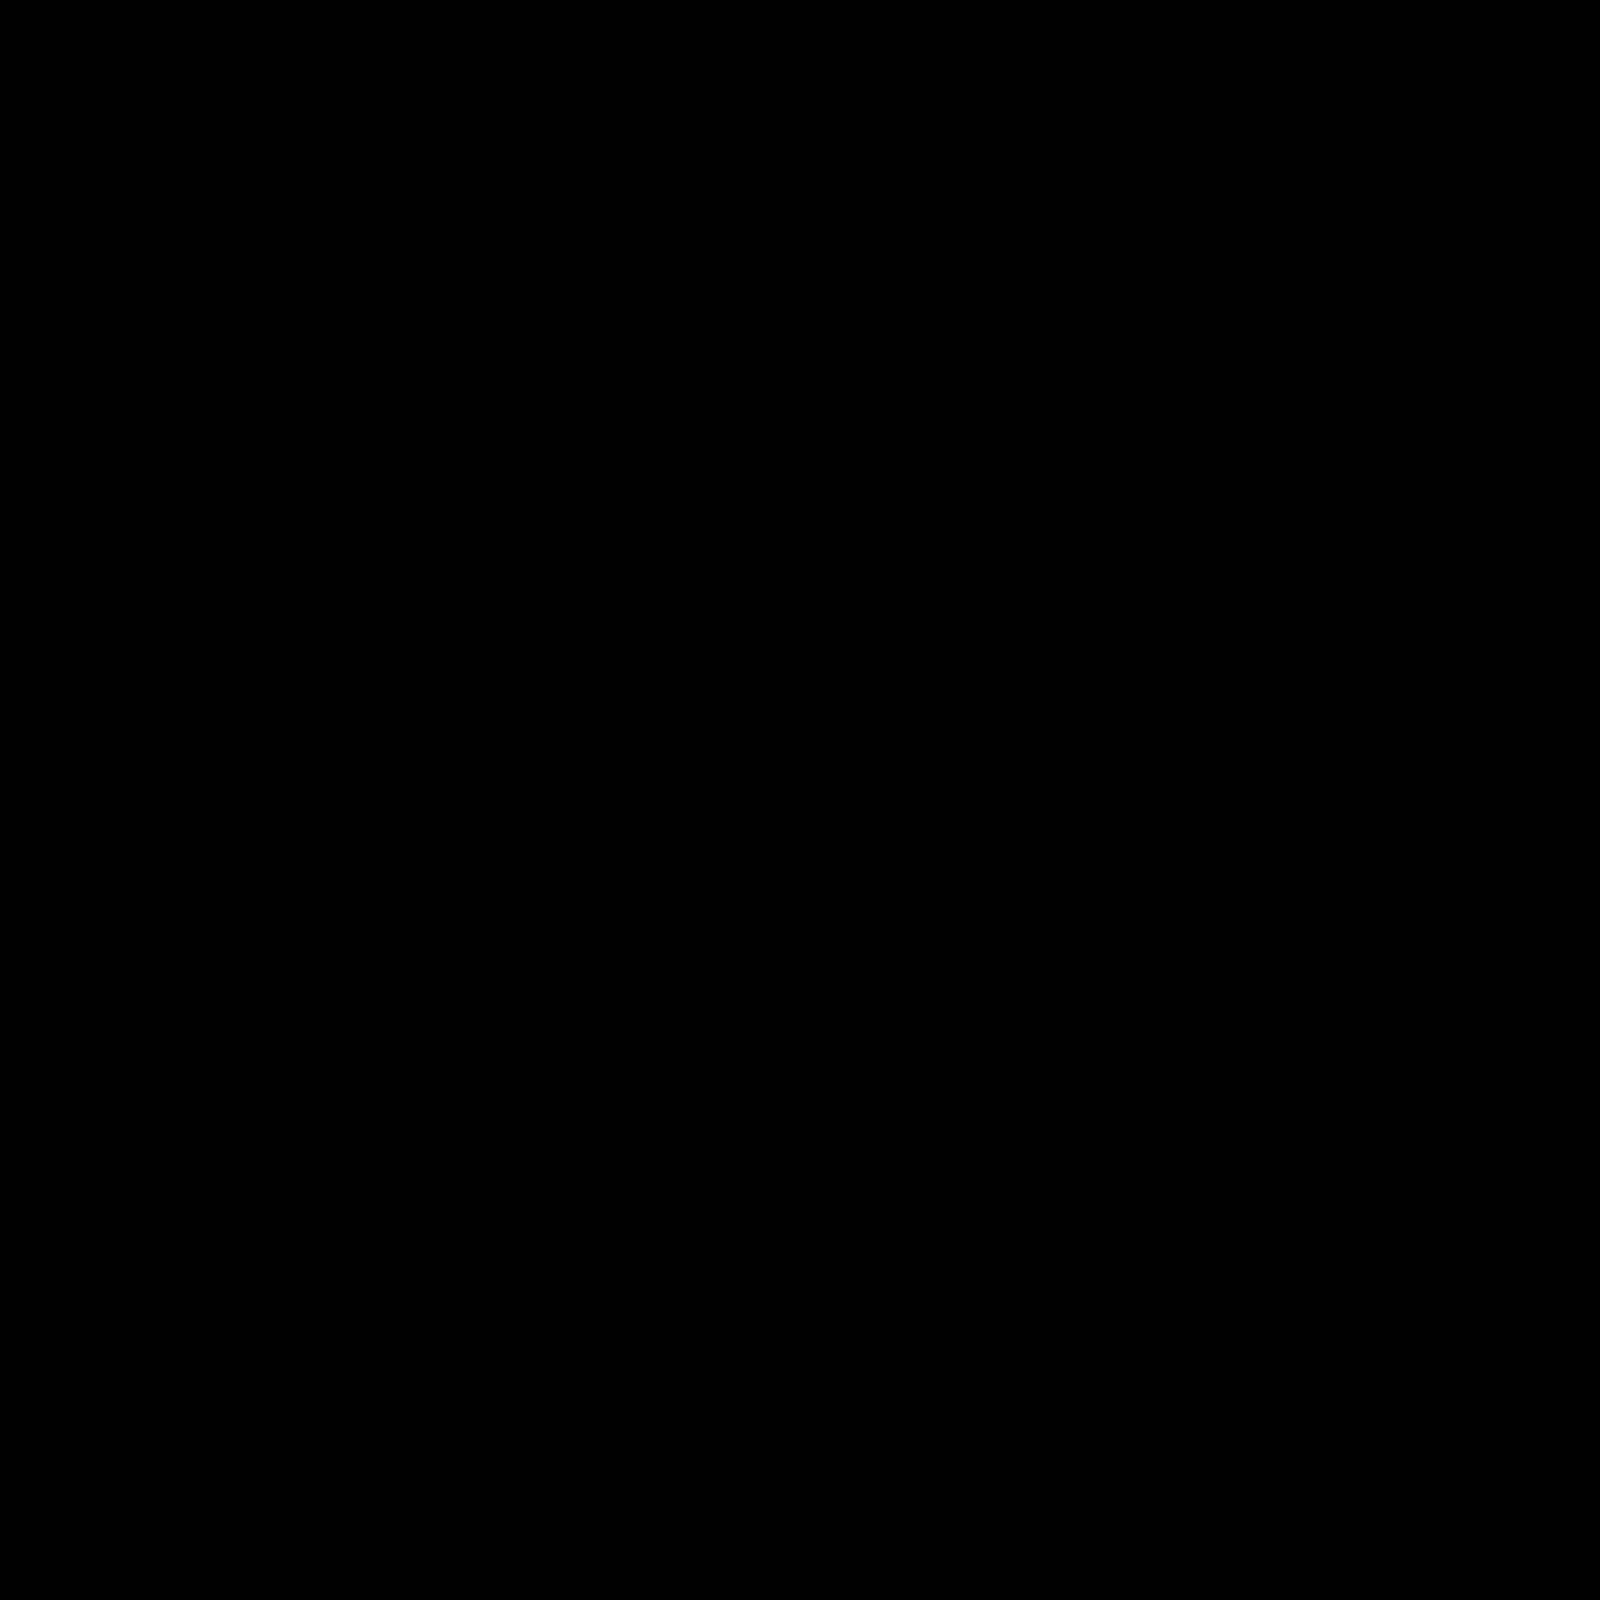 Test réussi icon